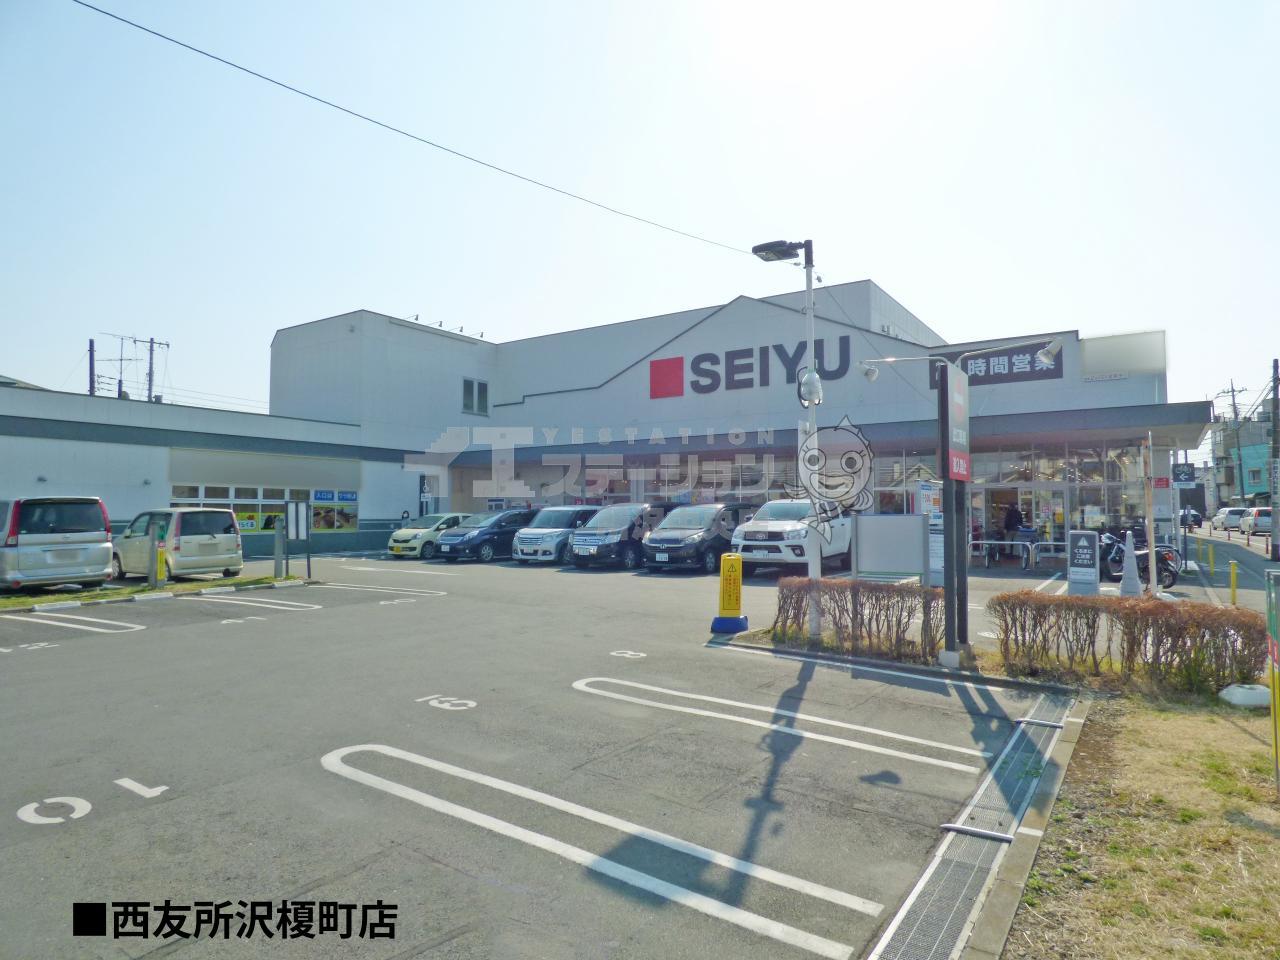 西友所沢榎町店